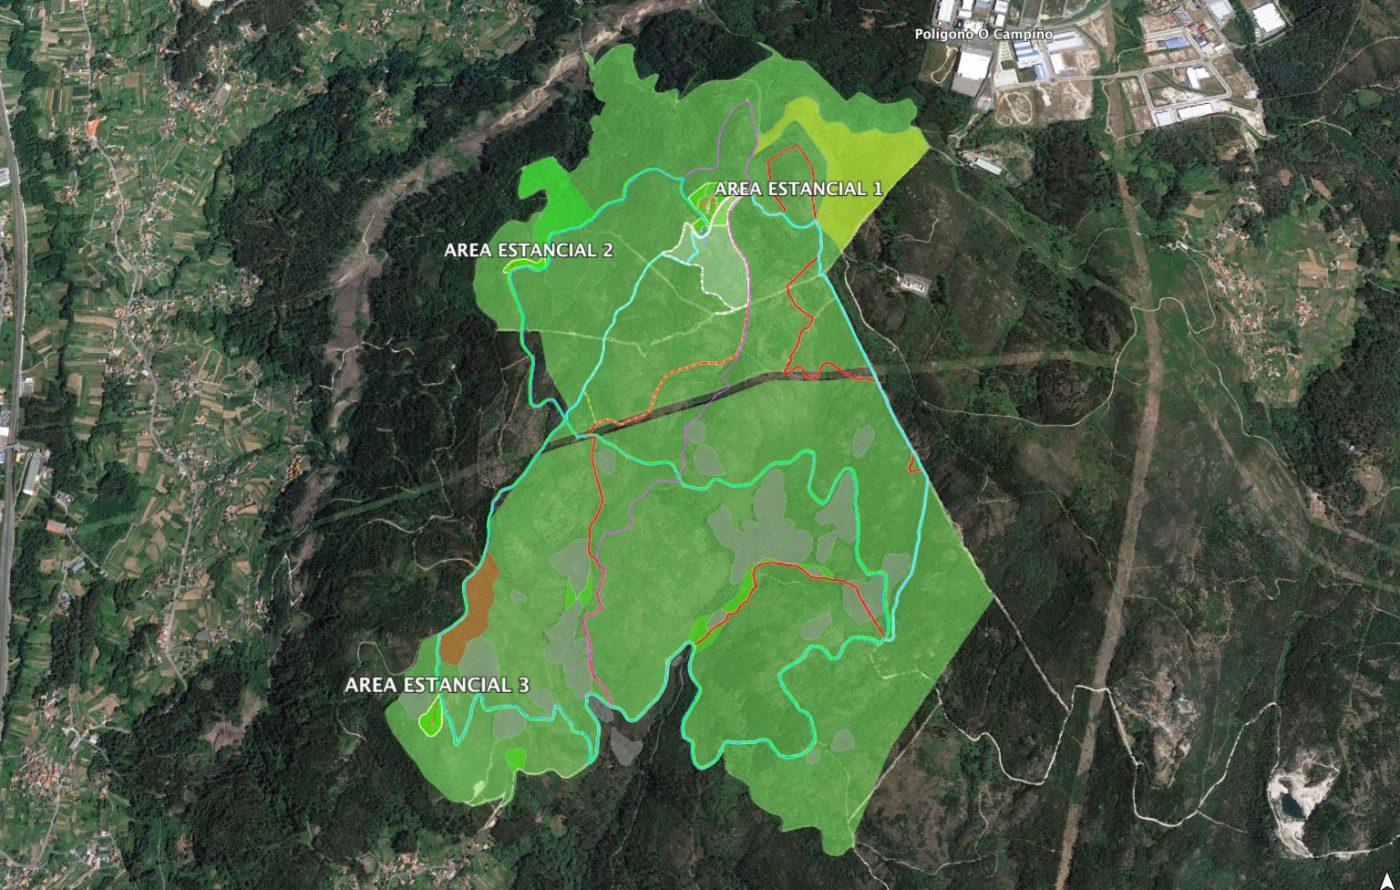 Un parque forestal para poner en valor los árboles del monte gallego